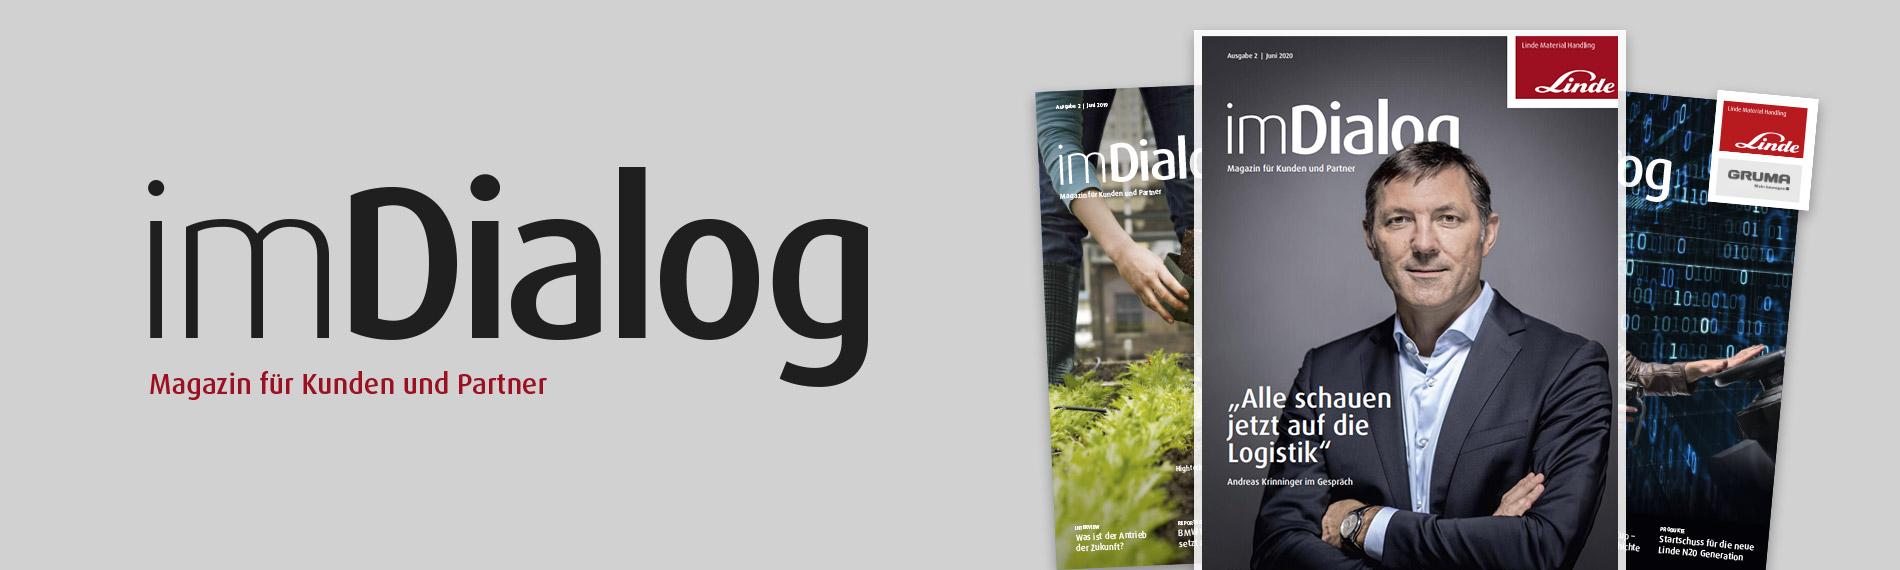 header desktop imdialog magazin linde ausgaben